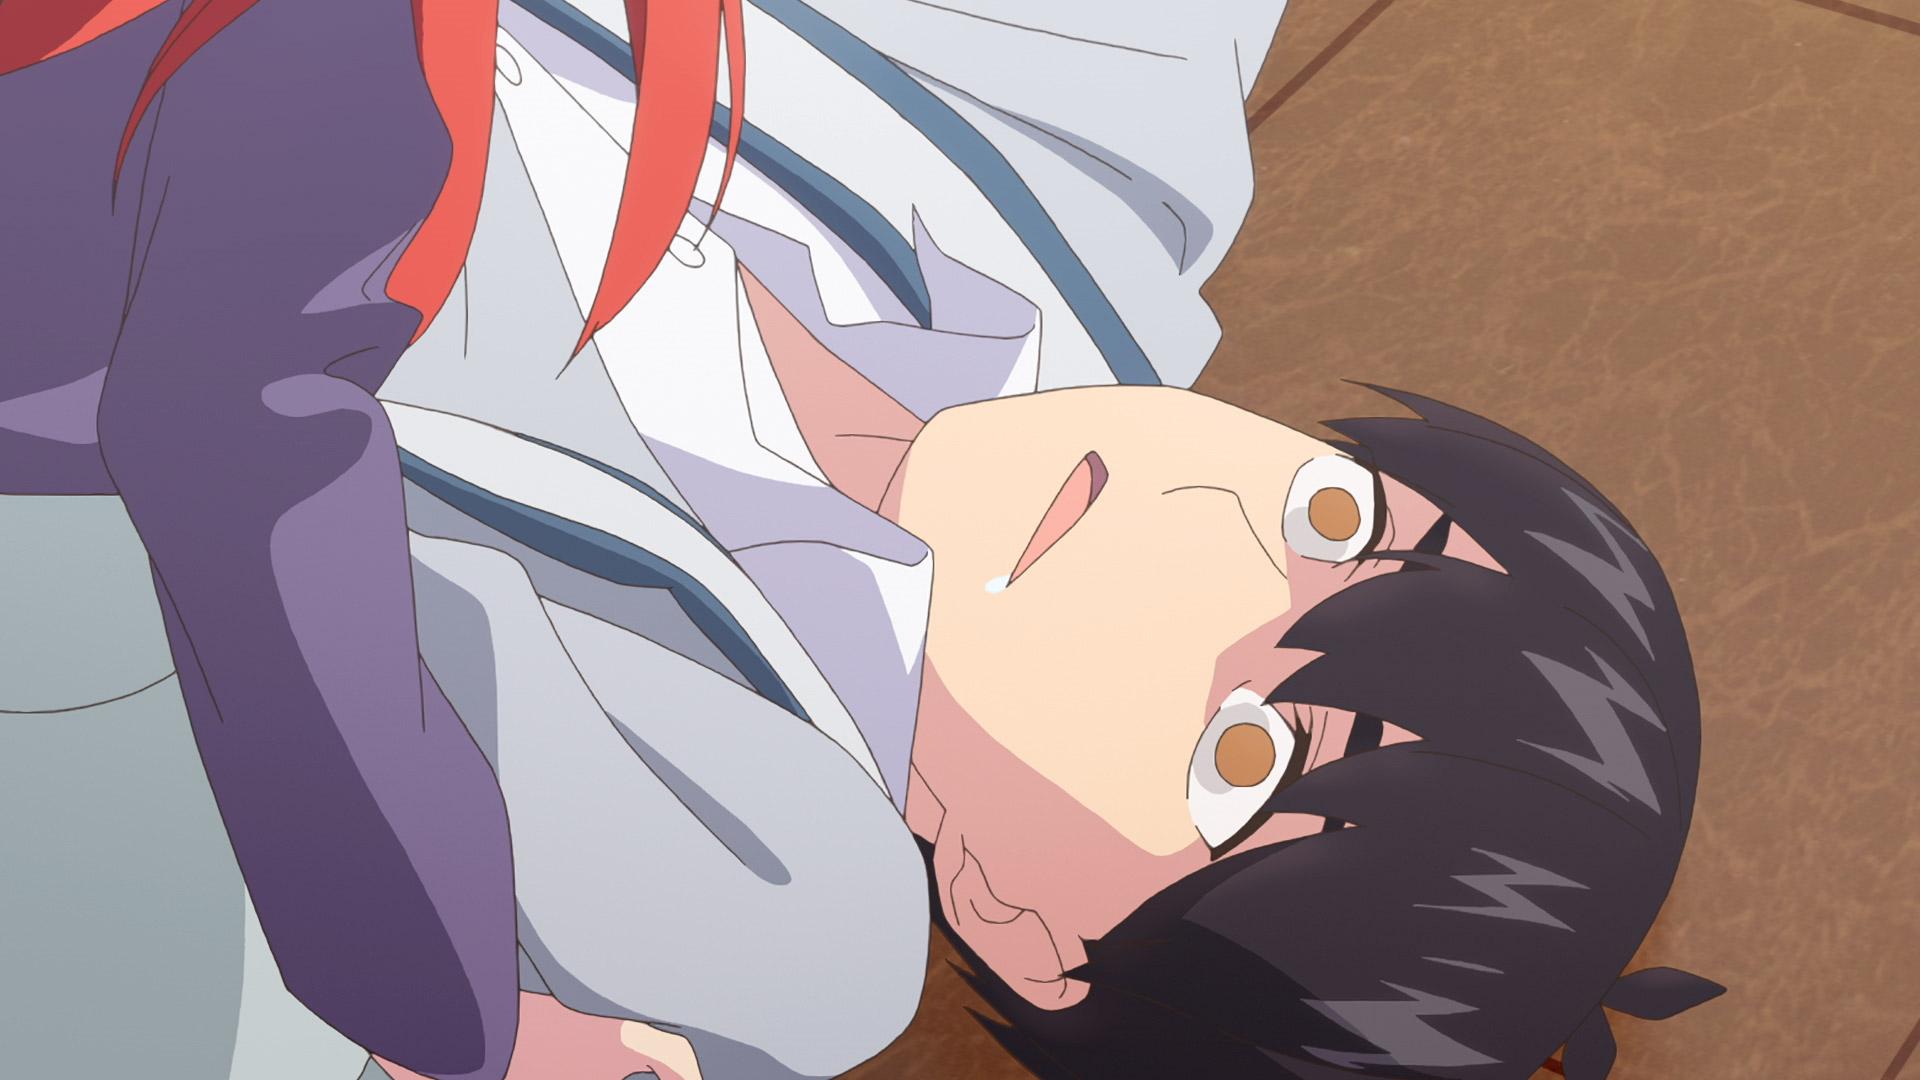 『五等分の花嫁2期』の第2話ネタバレ・あらすじ・感想